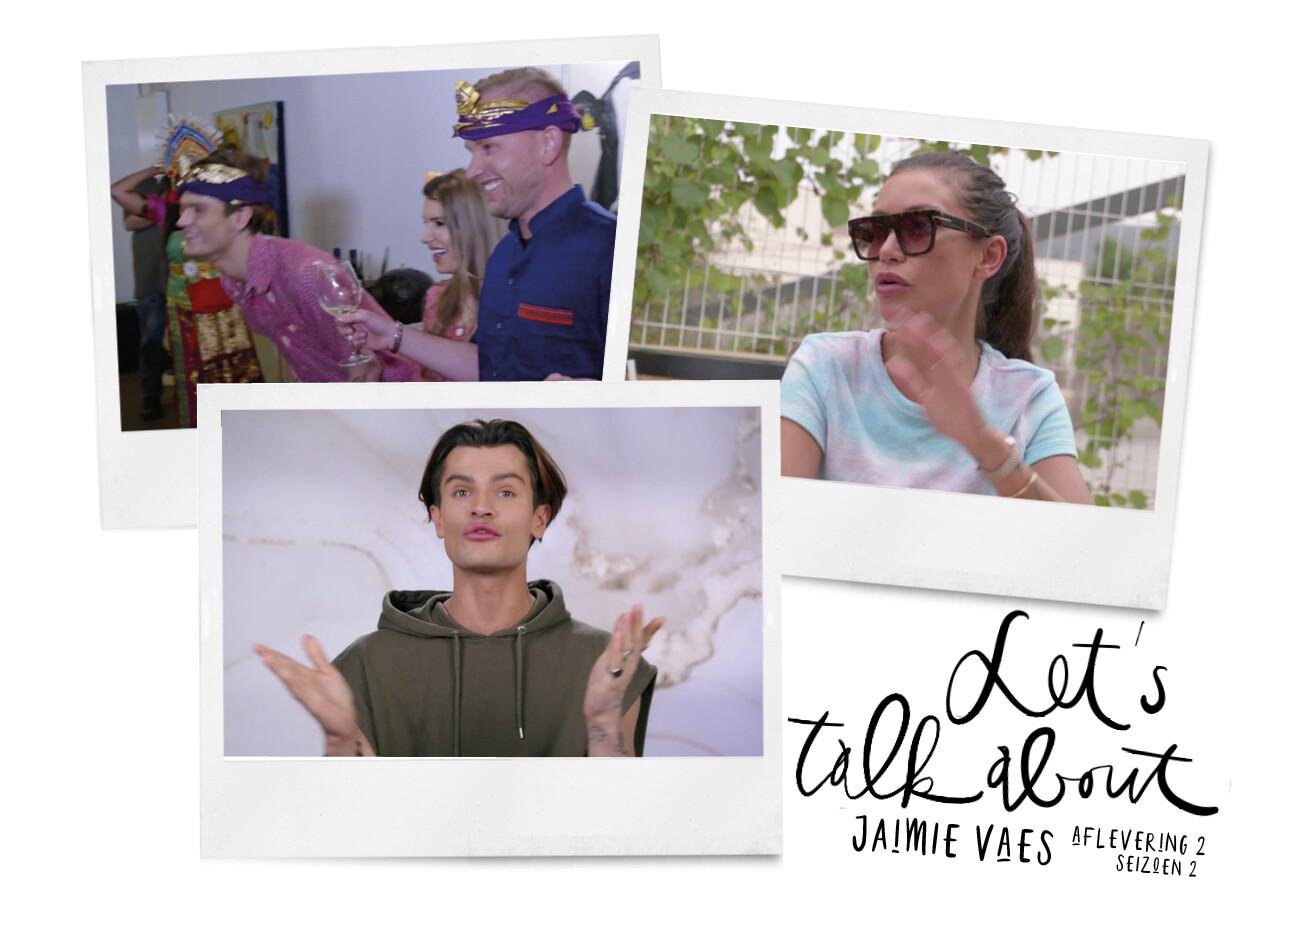 Jaimie Vaes Lane Life afl 2 van seizoen 2